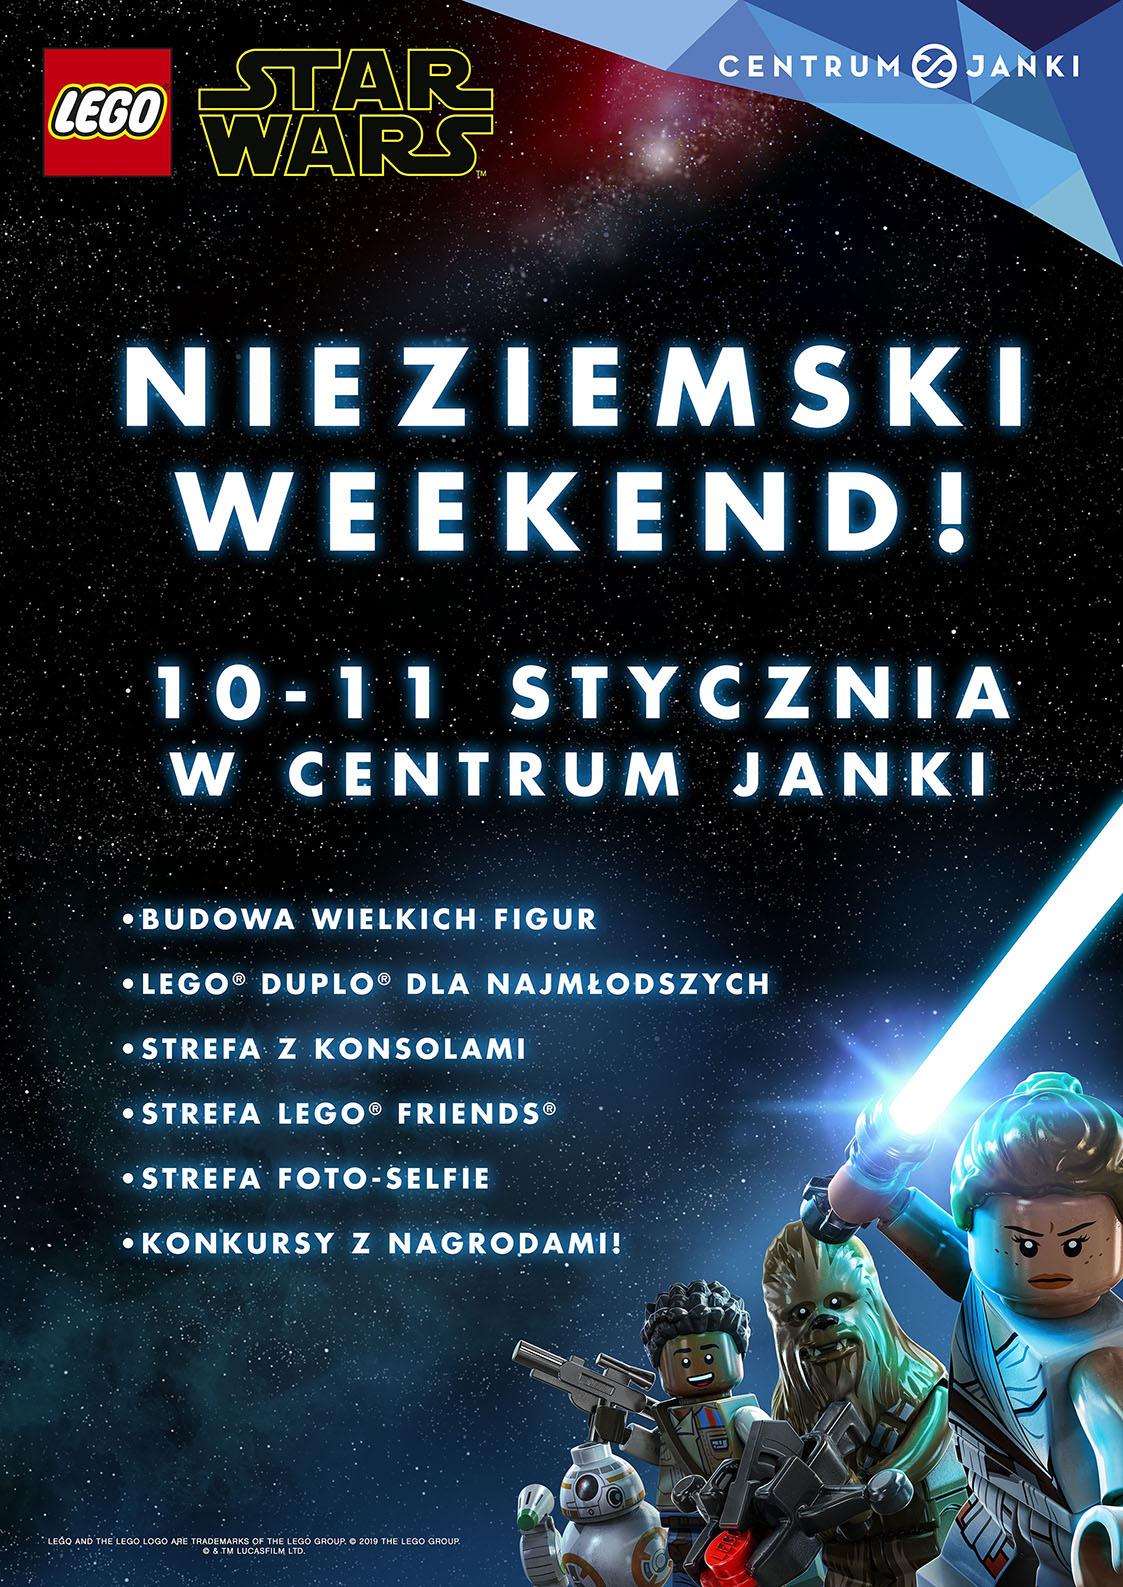 LEGO® Star Wars™ w Centrum Janki